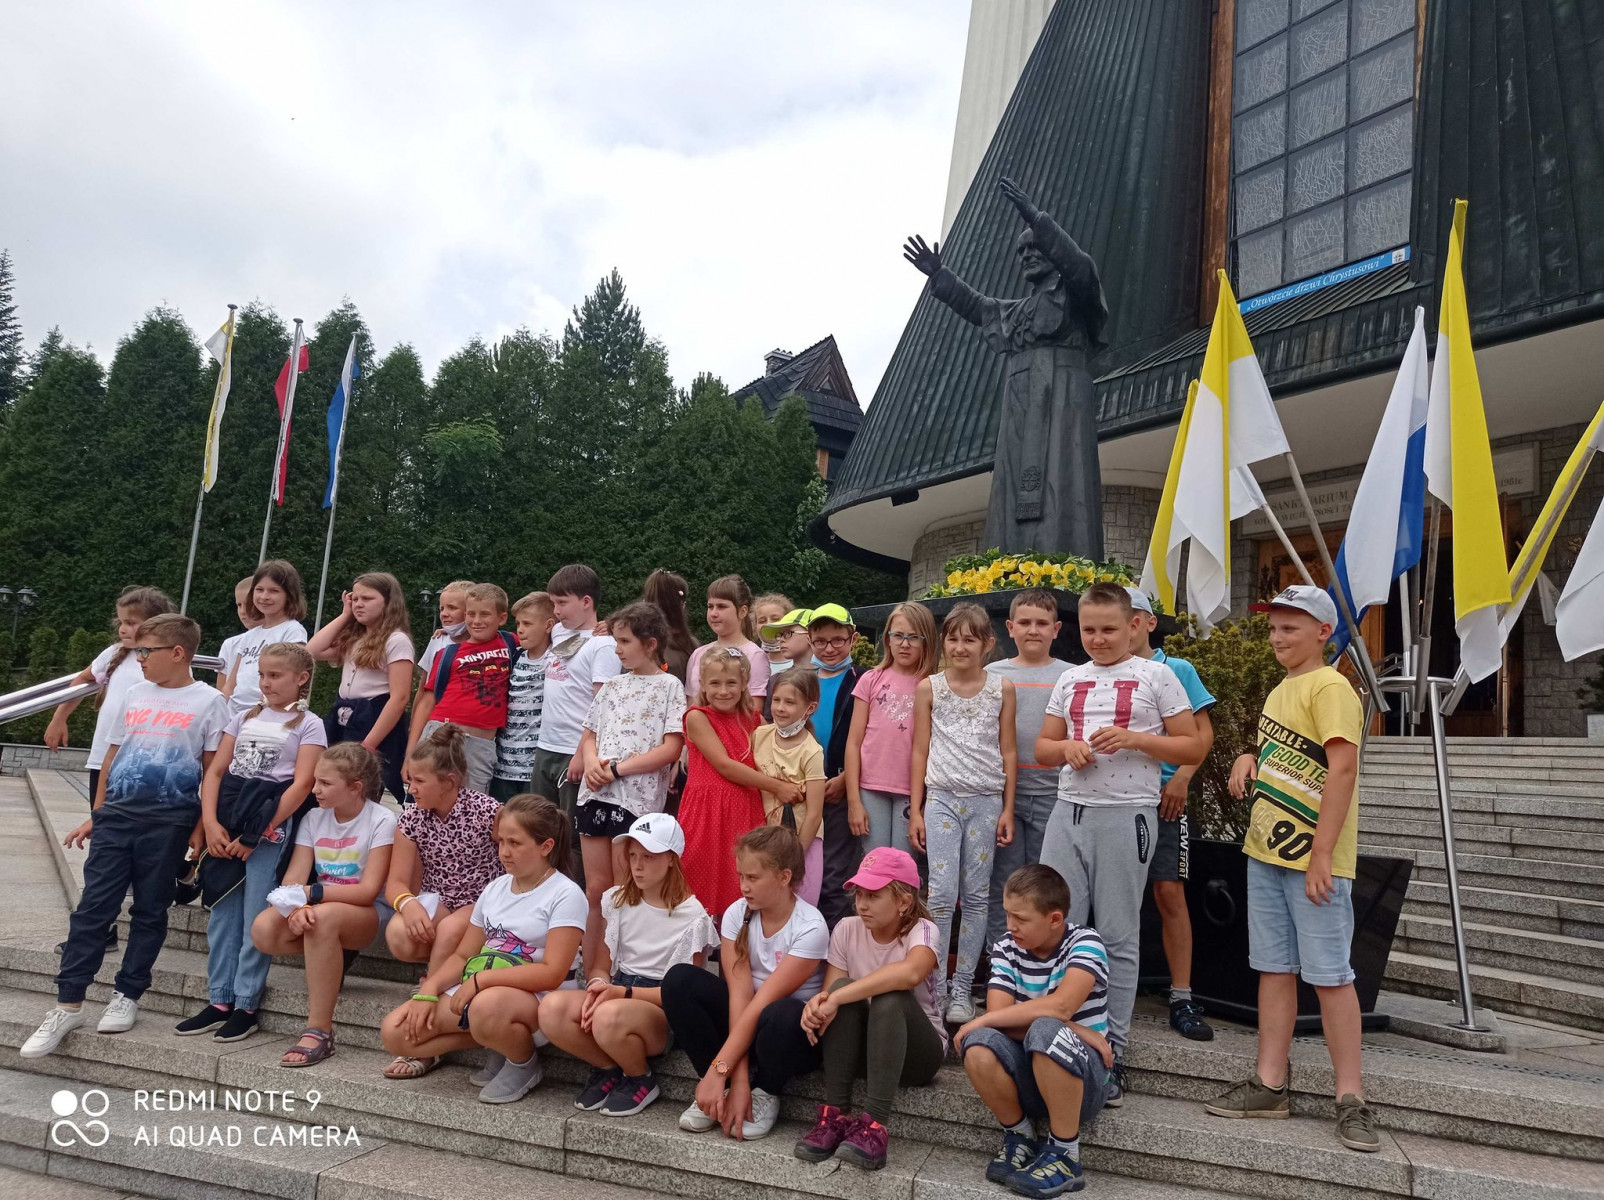 2021.06.23-Pielgrzymka-dziekczynna-po-uroczystosci-Pierwszej-Komunii-Swietej_2